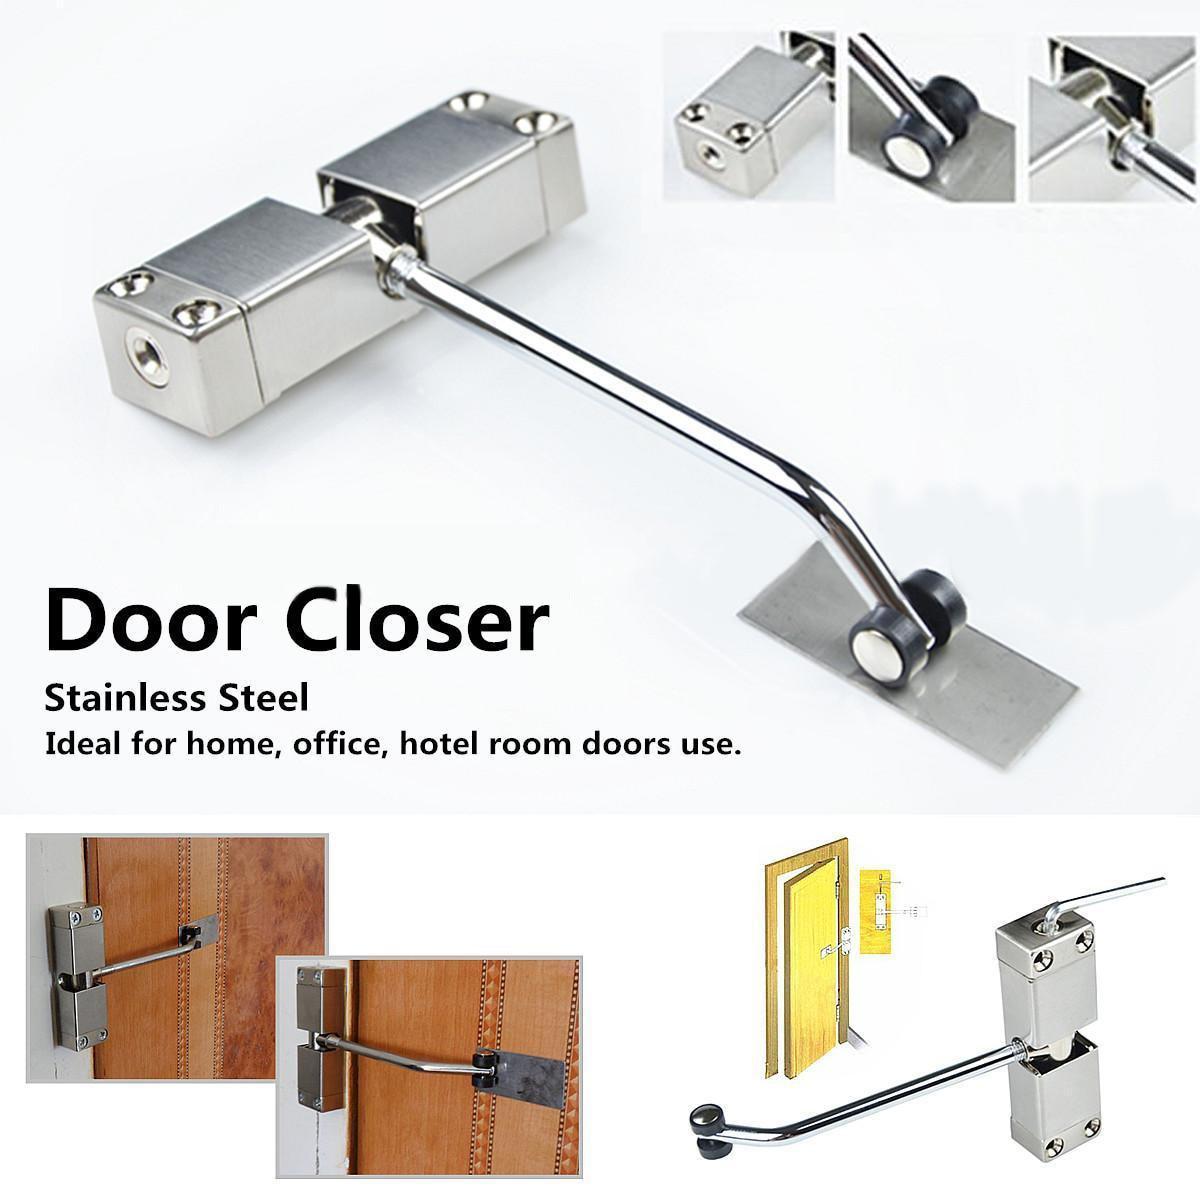 1 ud. Cierre automático de puerta de resorte de acero inoxidable 175 grados cierre de puerta de superficie ajustable 160x96x20mm cierres de puerta